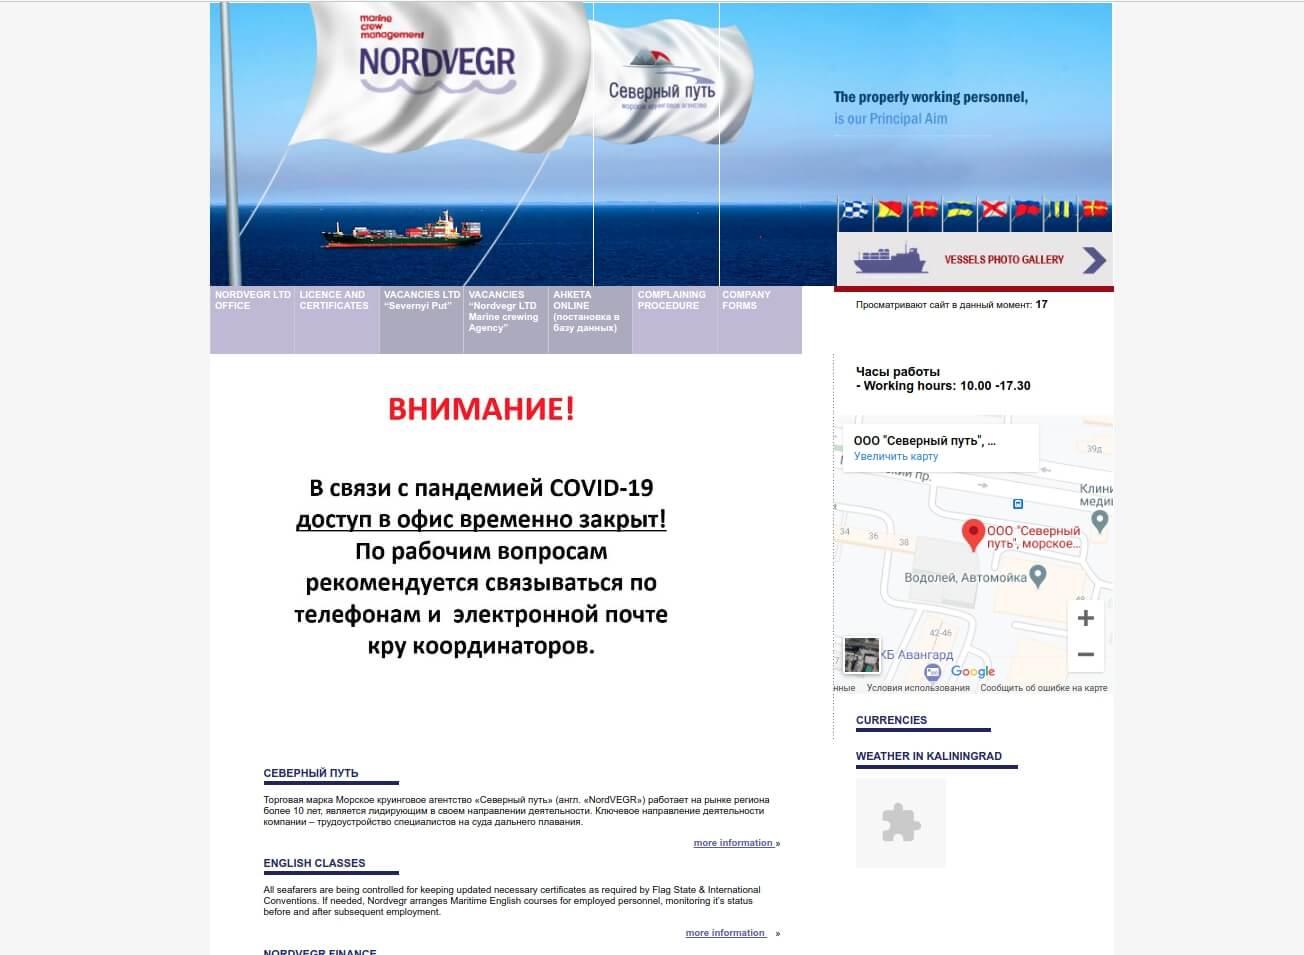 Главная страница сайта перед редизайном